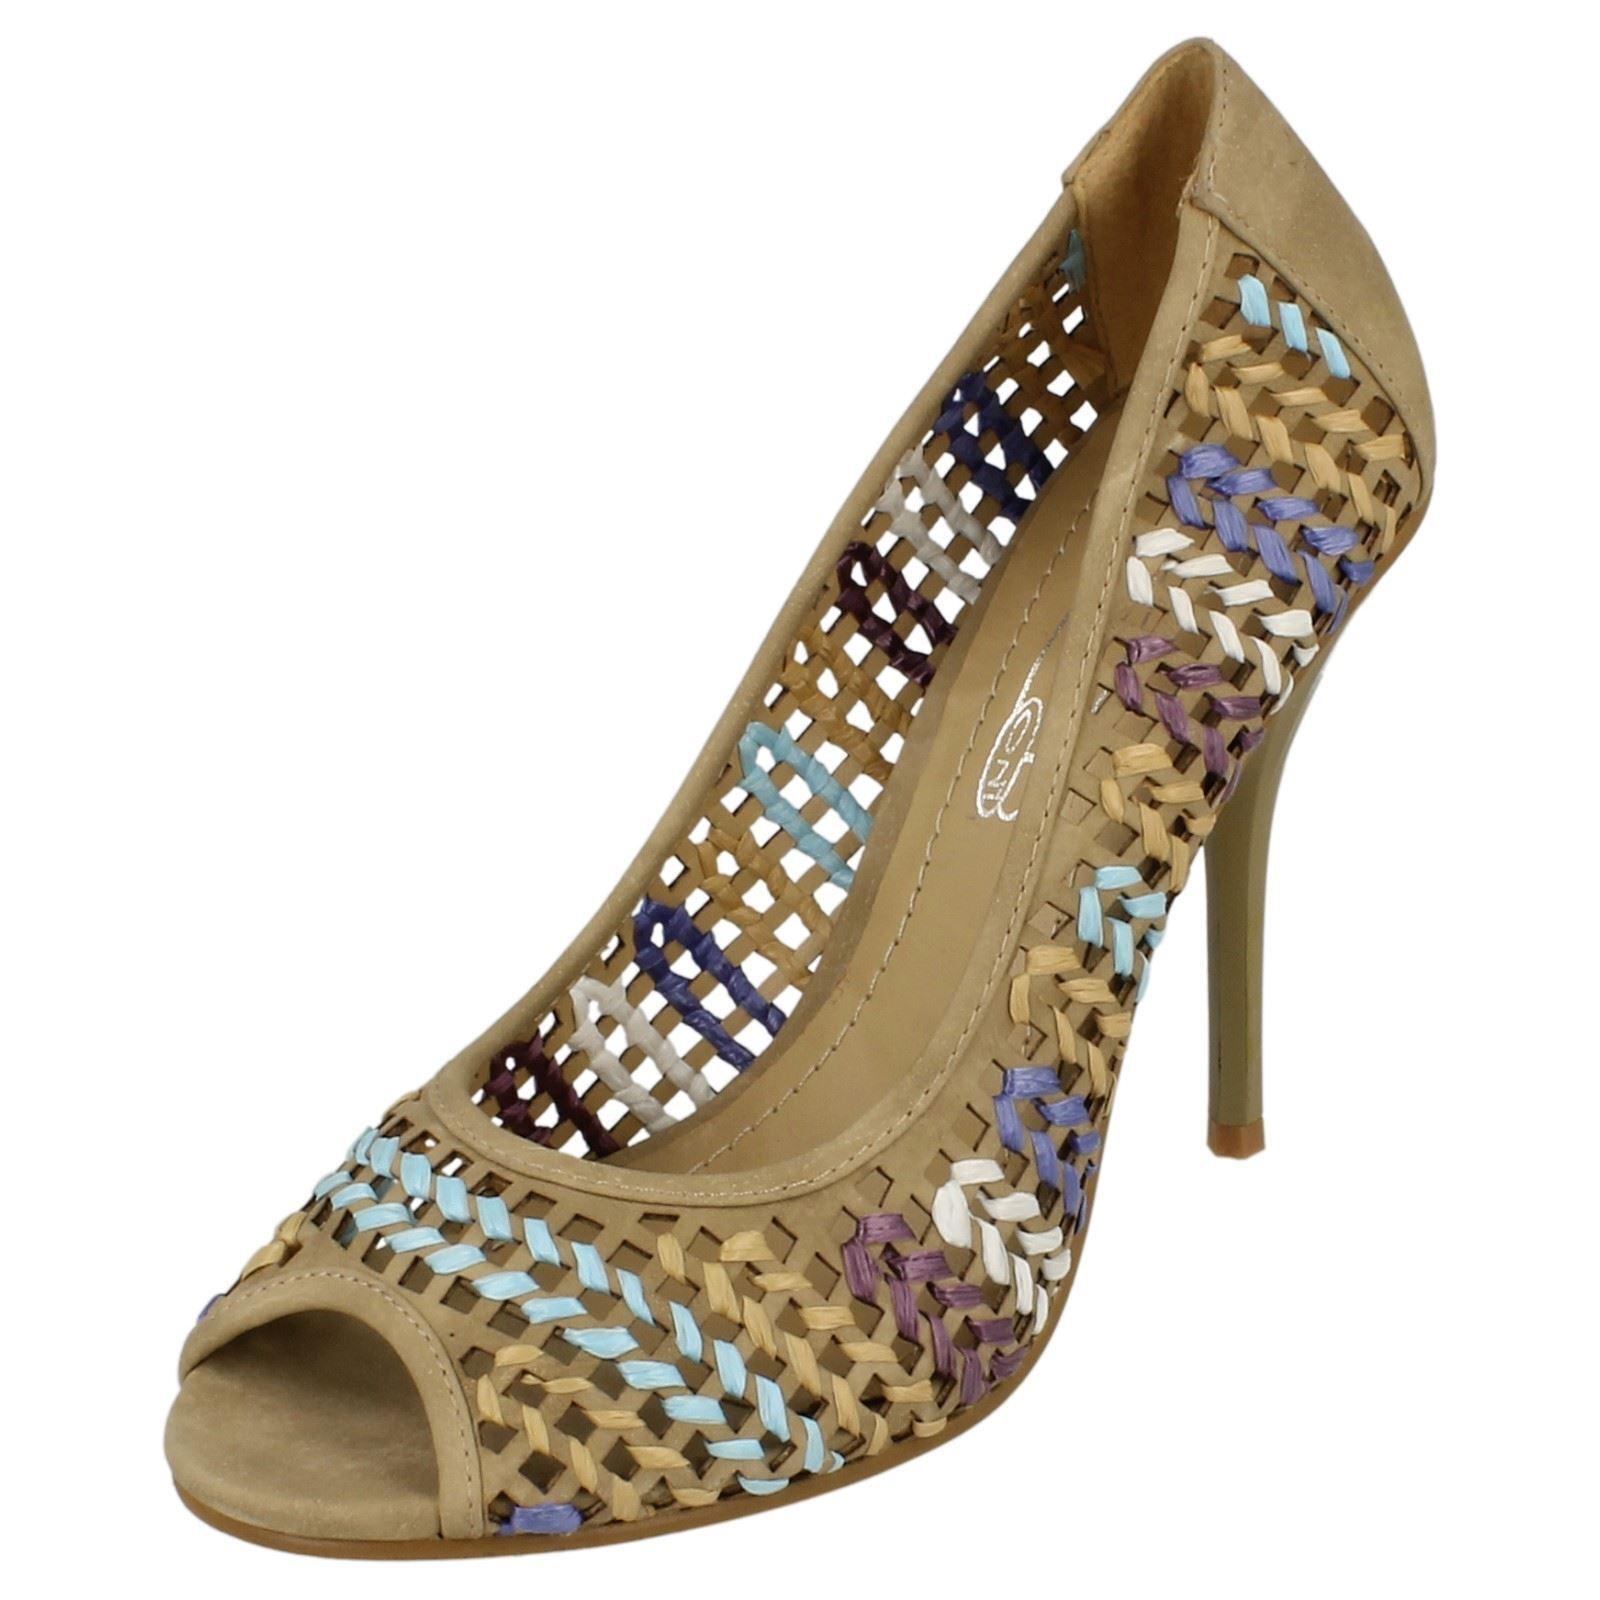 Moda jest prosta i niedroga Spot On f1r926 Mujer Efecto TRAMA Tejido Zapatos de salón peep toe BEIS (r59b) (